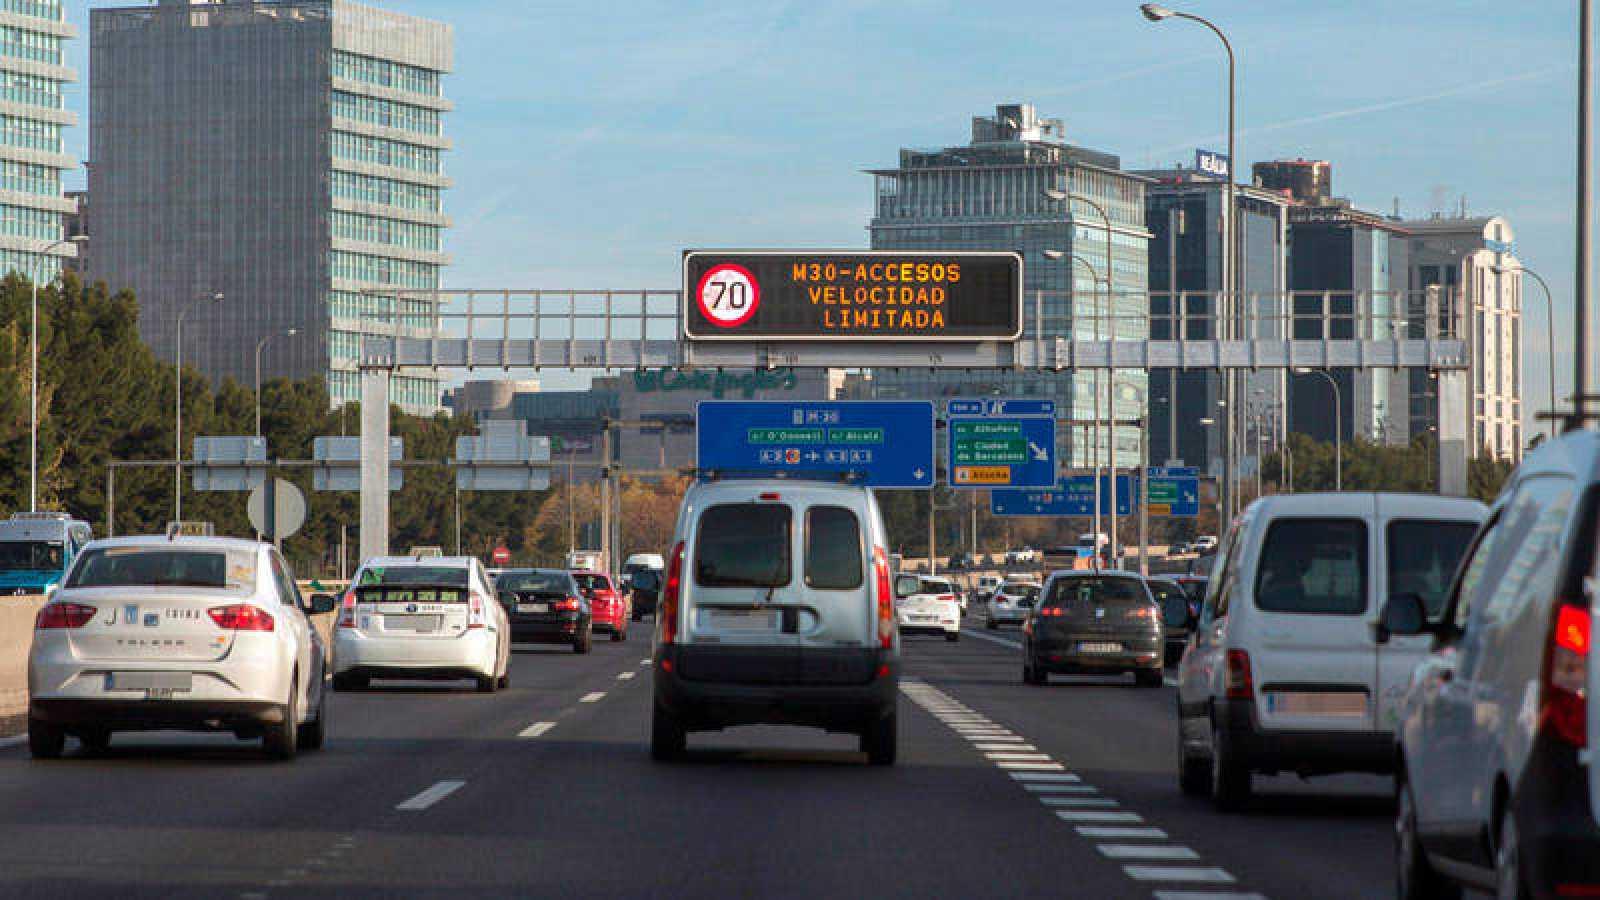 Madrid mantendrá el protocolo anticontaminación este jueves, en pleno puente de la Constitución